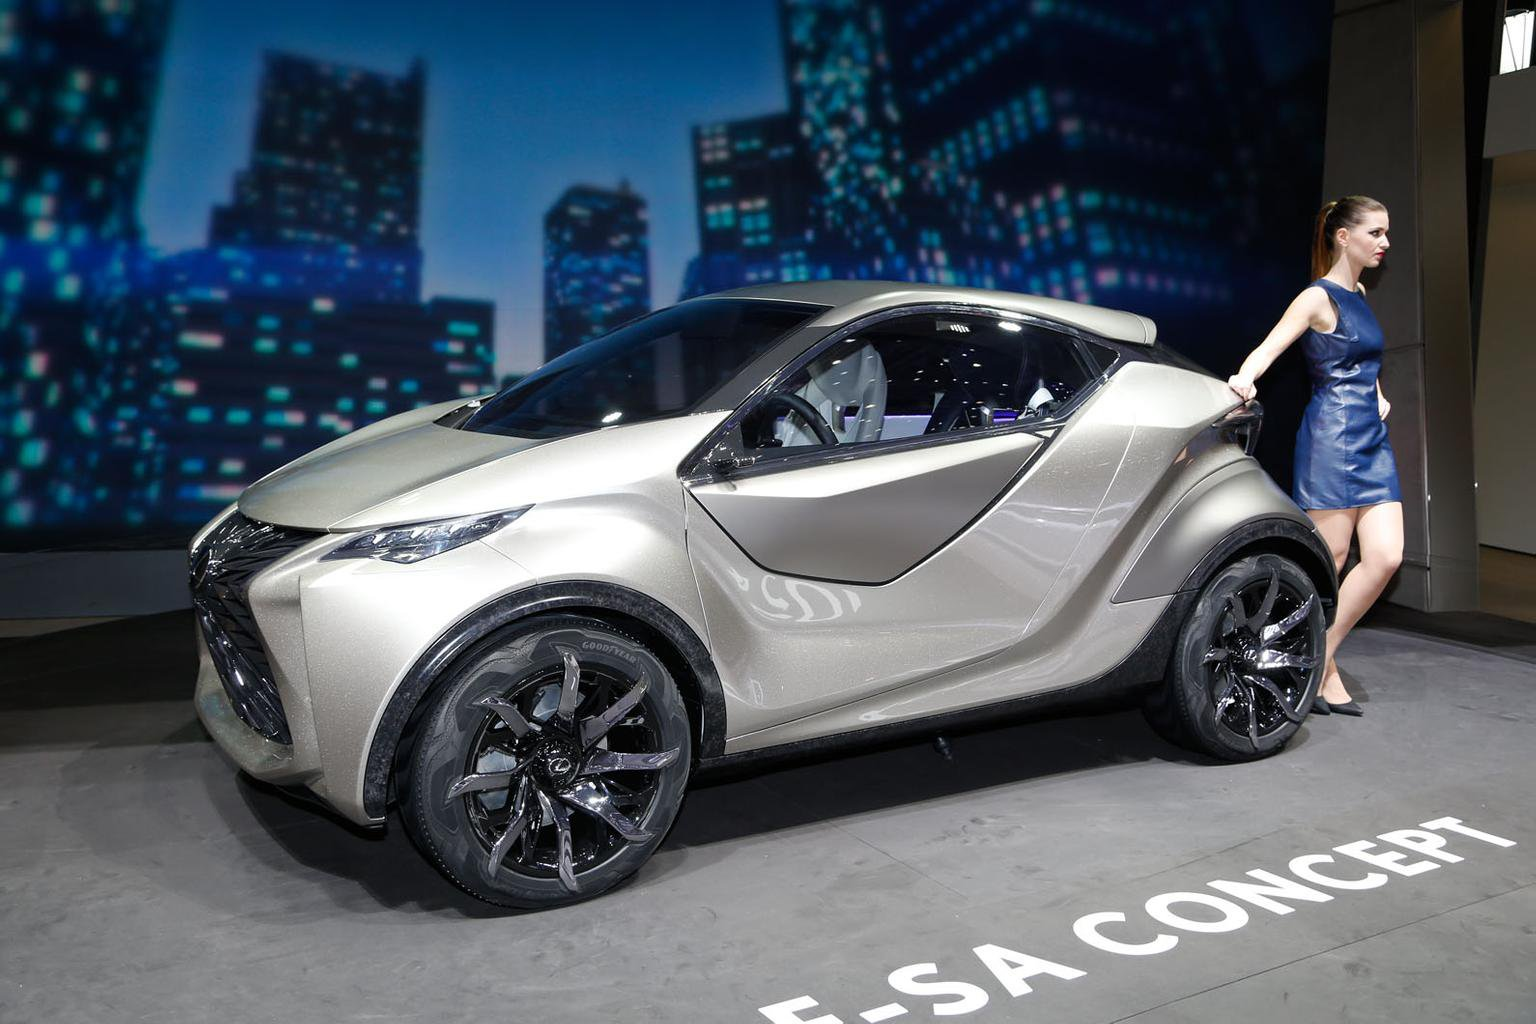 Lexus LF-SA concept at the Geneva motor show